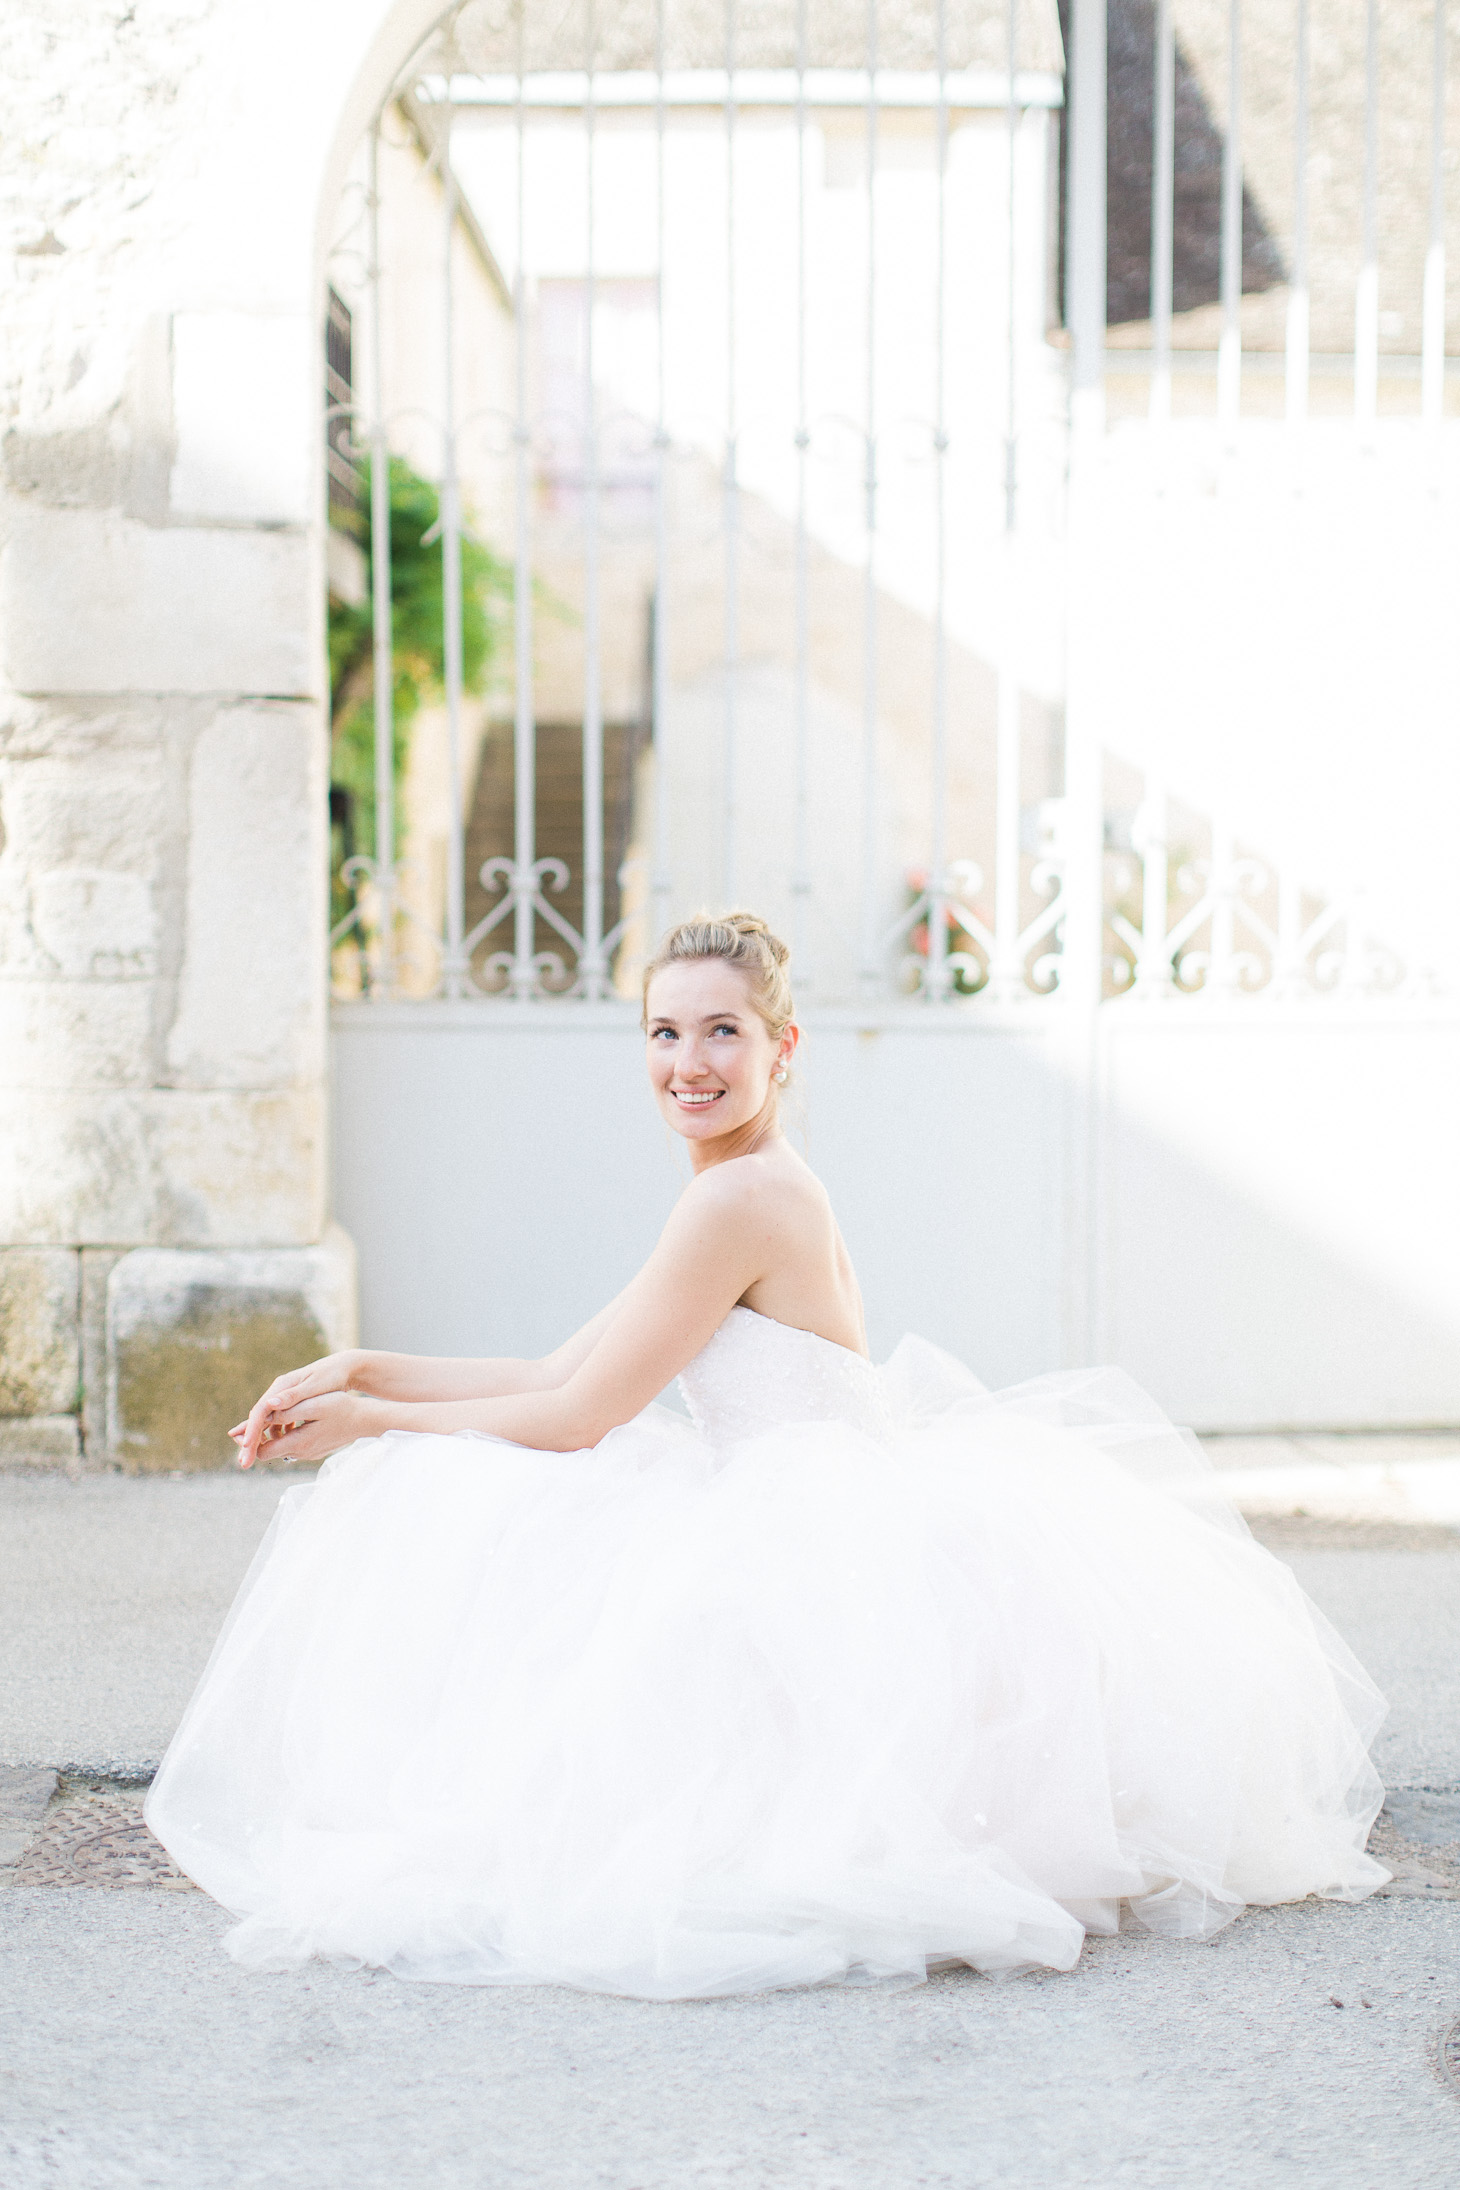 bourgogne_wedding_photographer_chateau_pommard-056